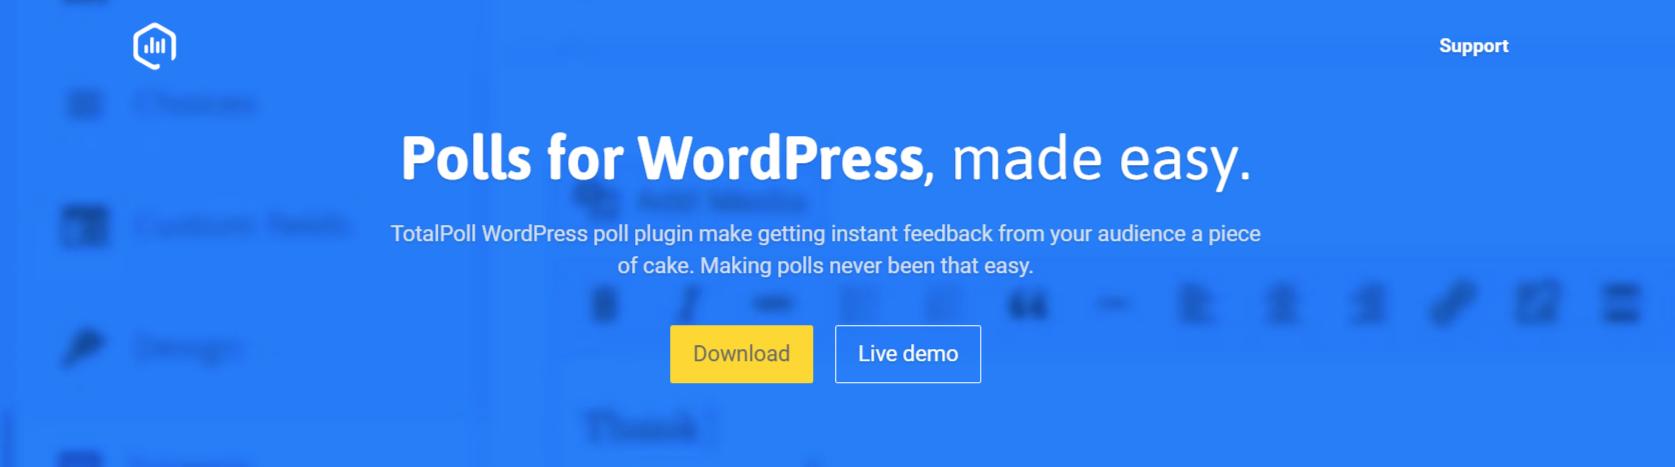 TotalPoll- WordPress Poll Plugins